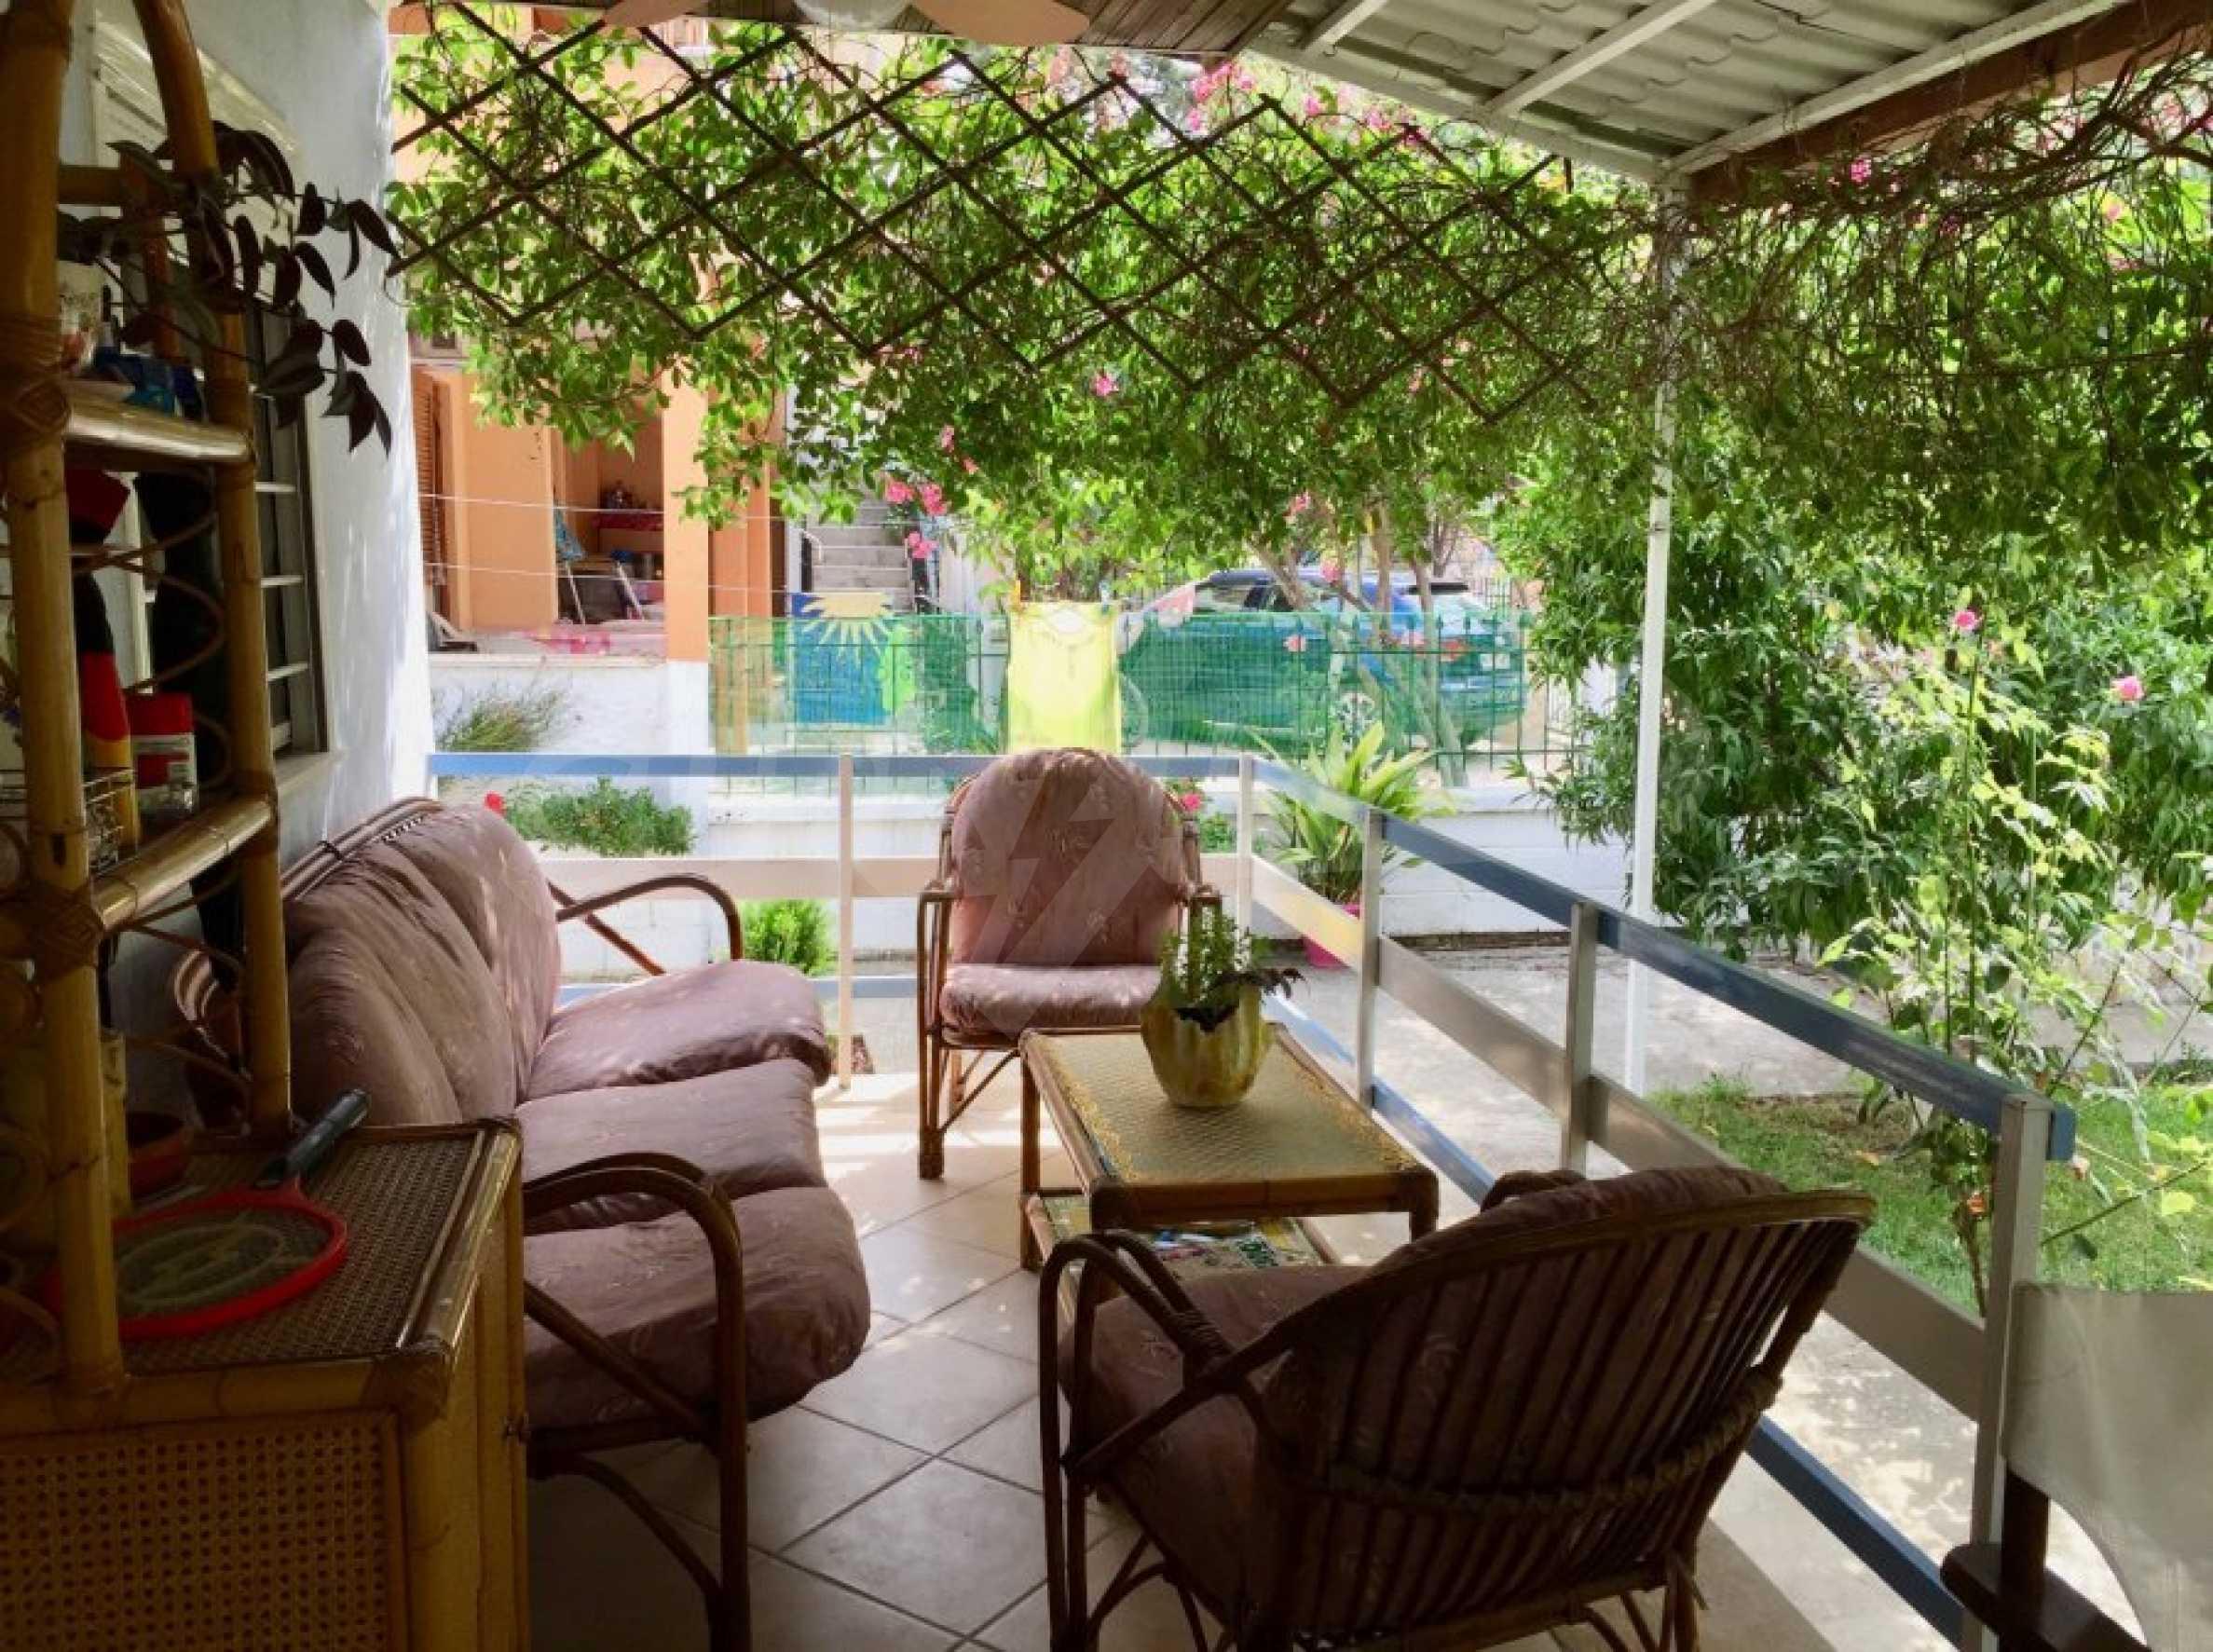 Къща с две спални и прекрасна градина 11